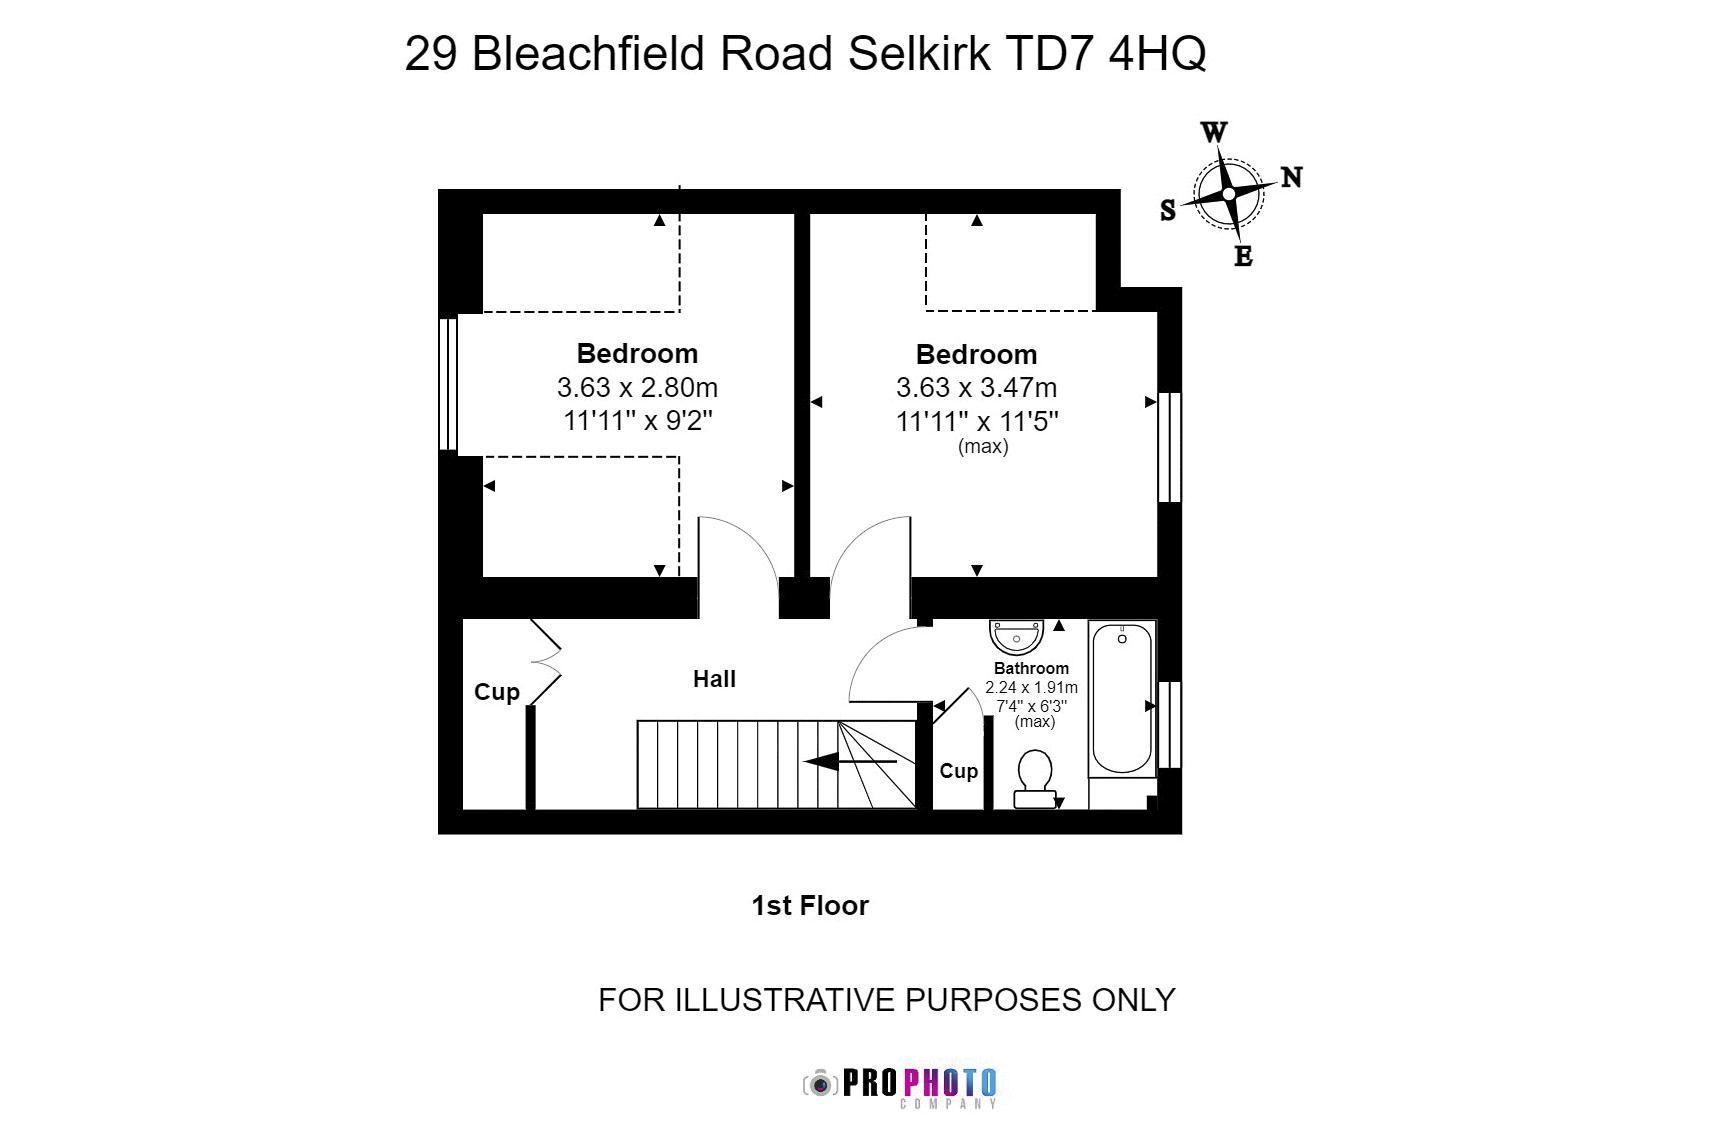 29 Bleachfield Road First Floor